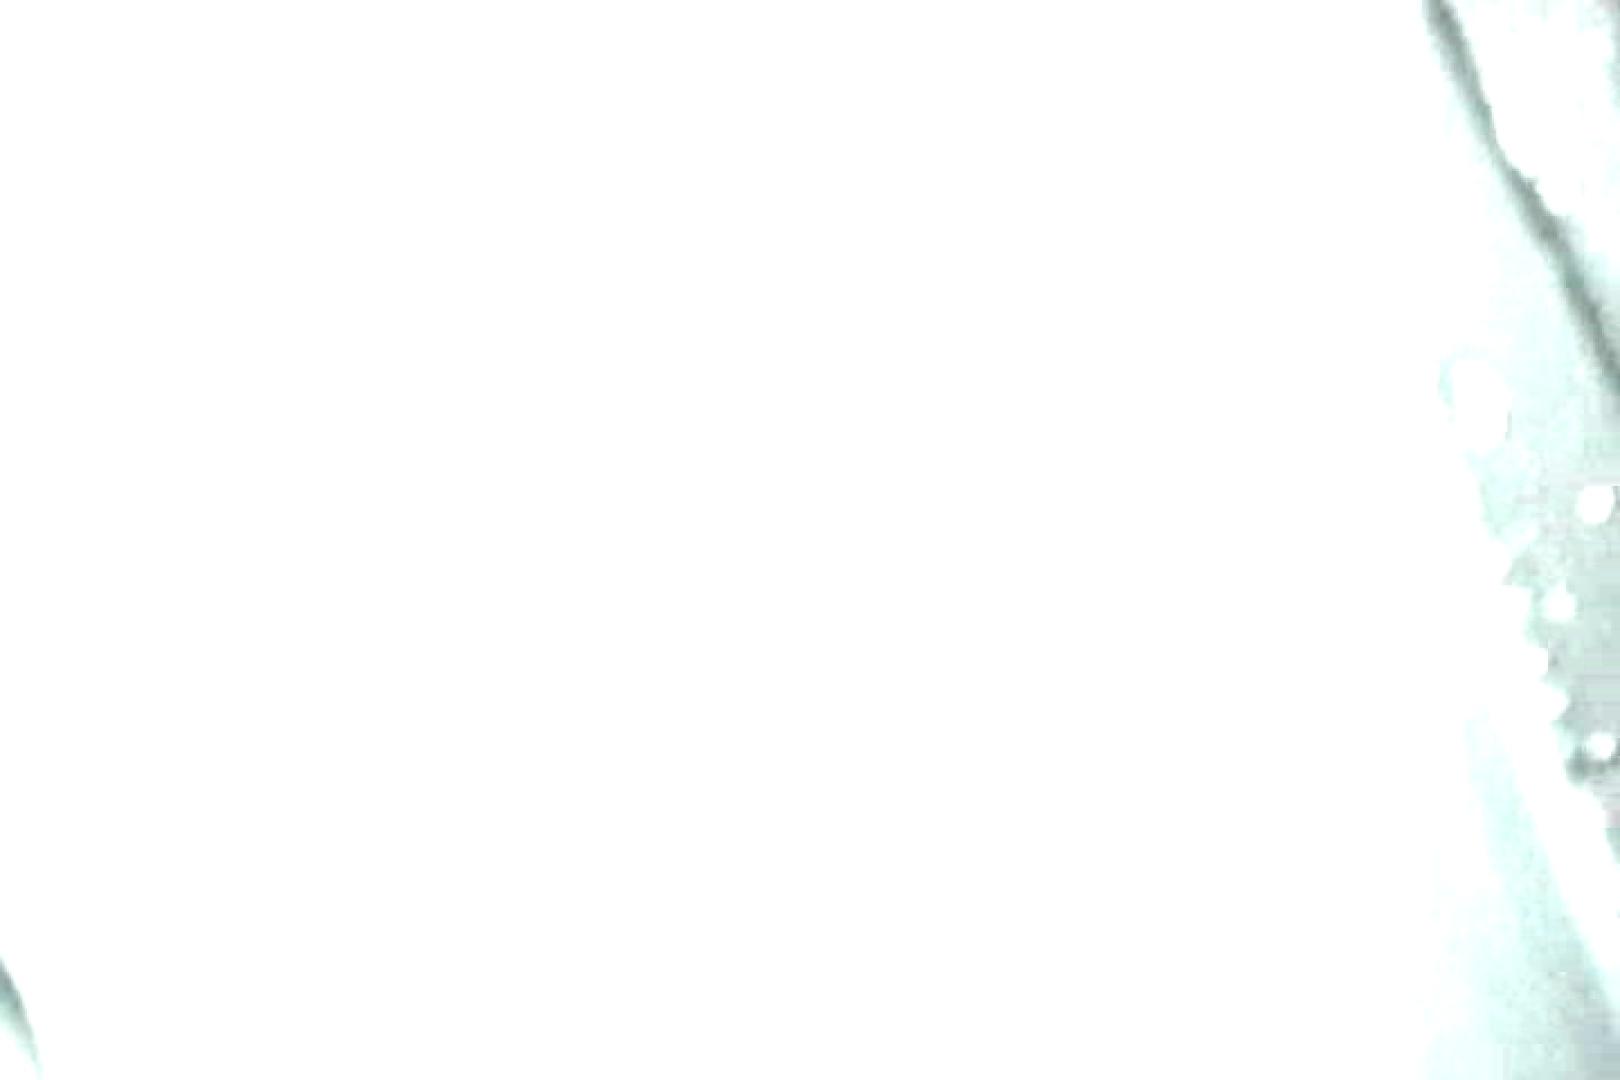 充血監督の深夜の運動会Vol.8 チクビ オマンコ無修正動画無料 106画像 94